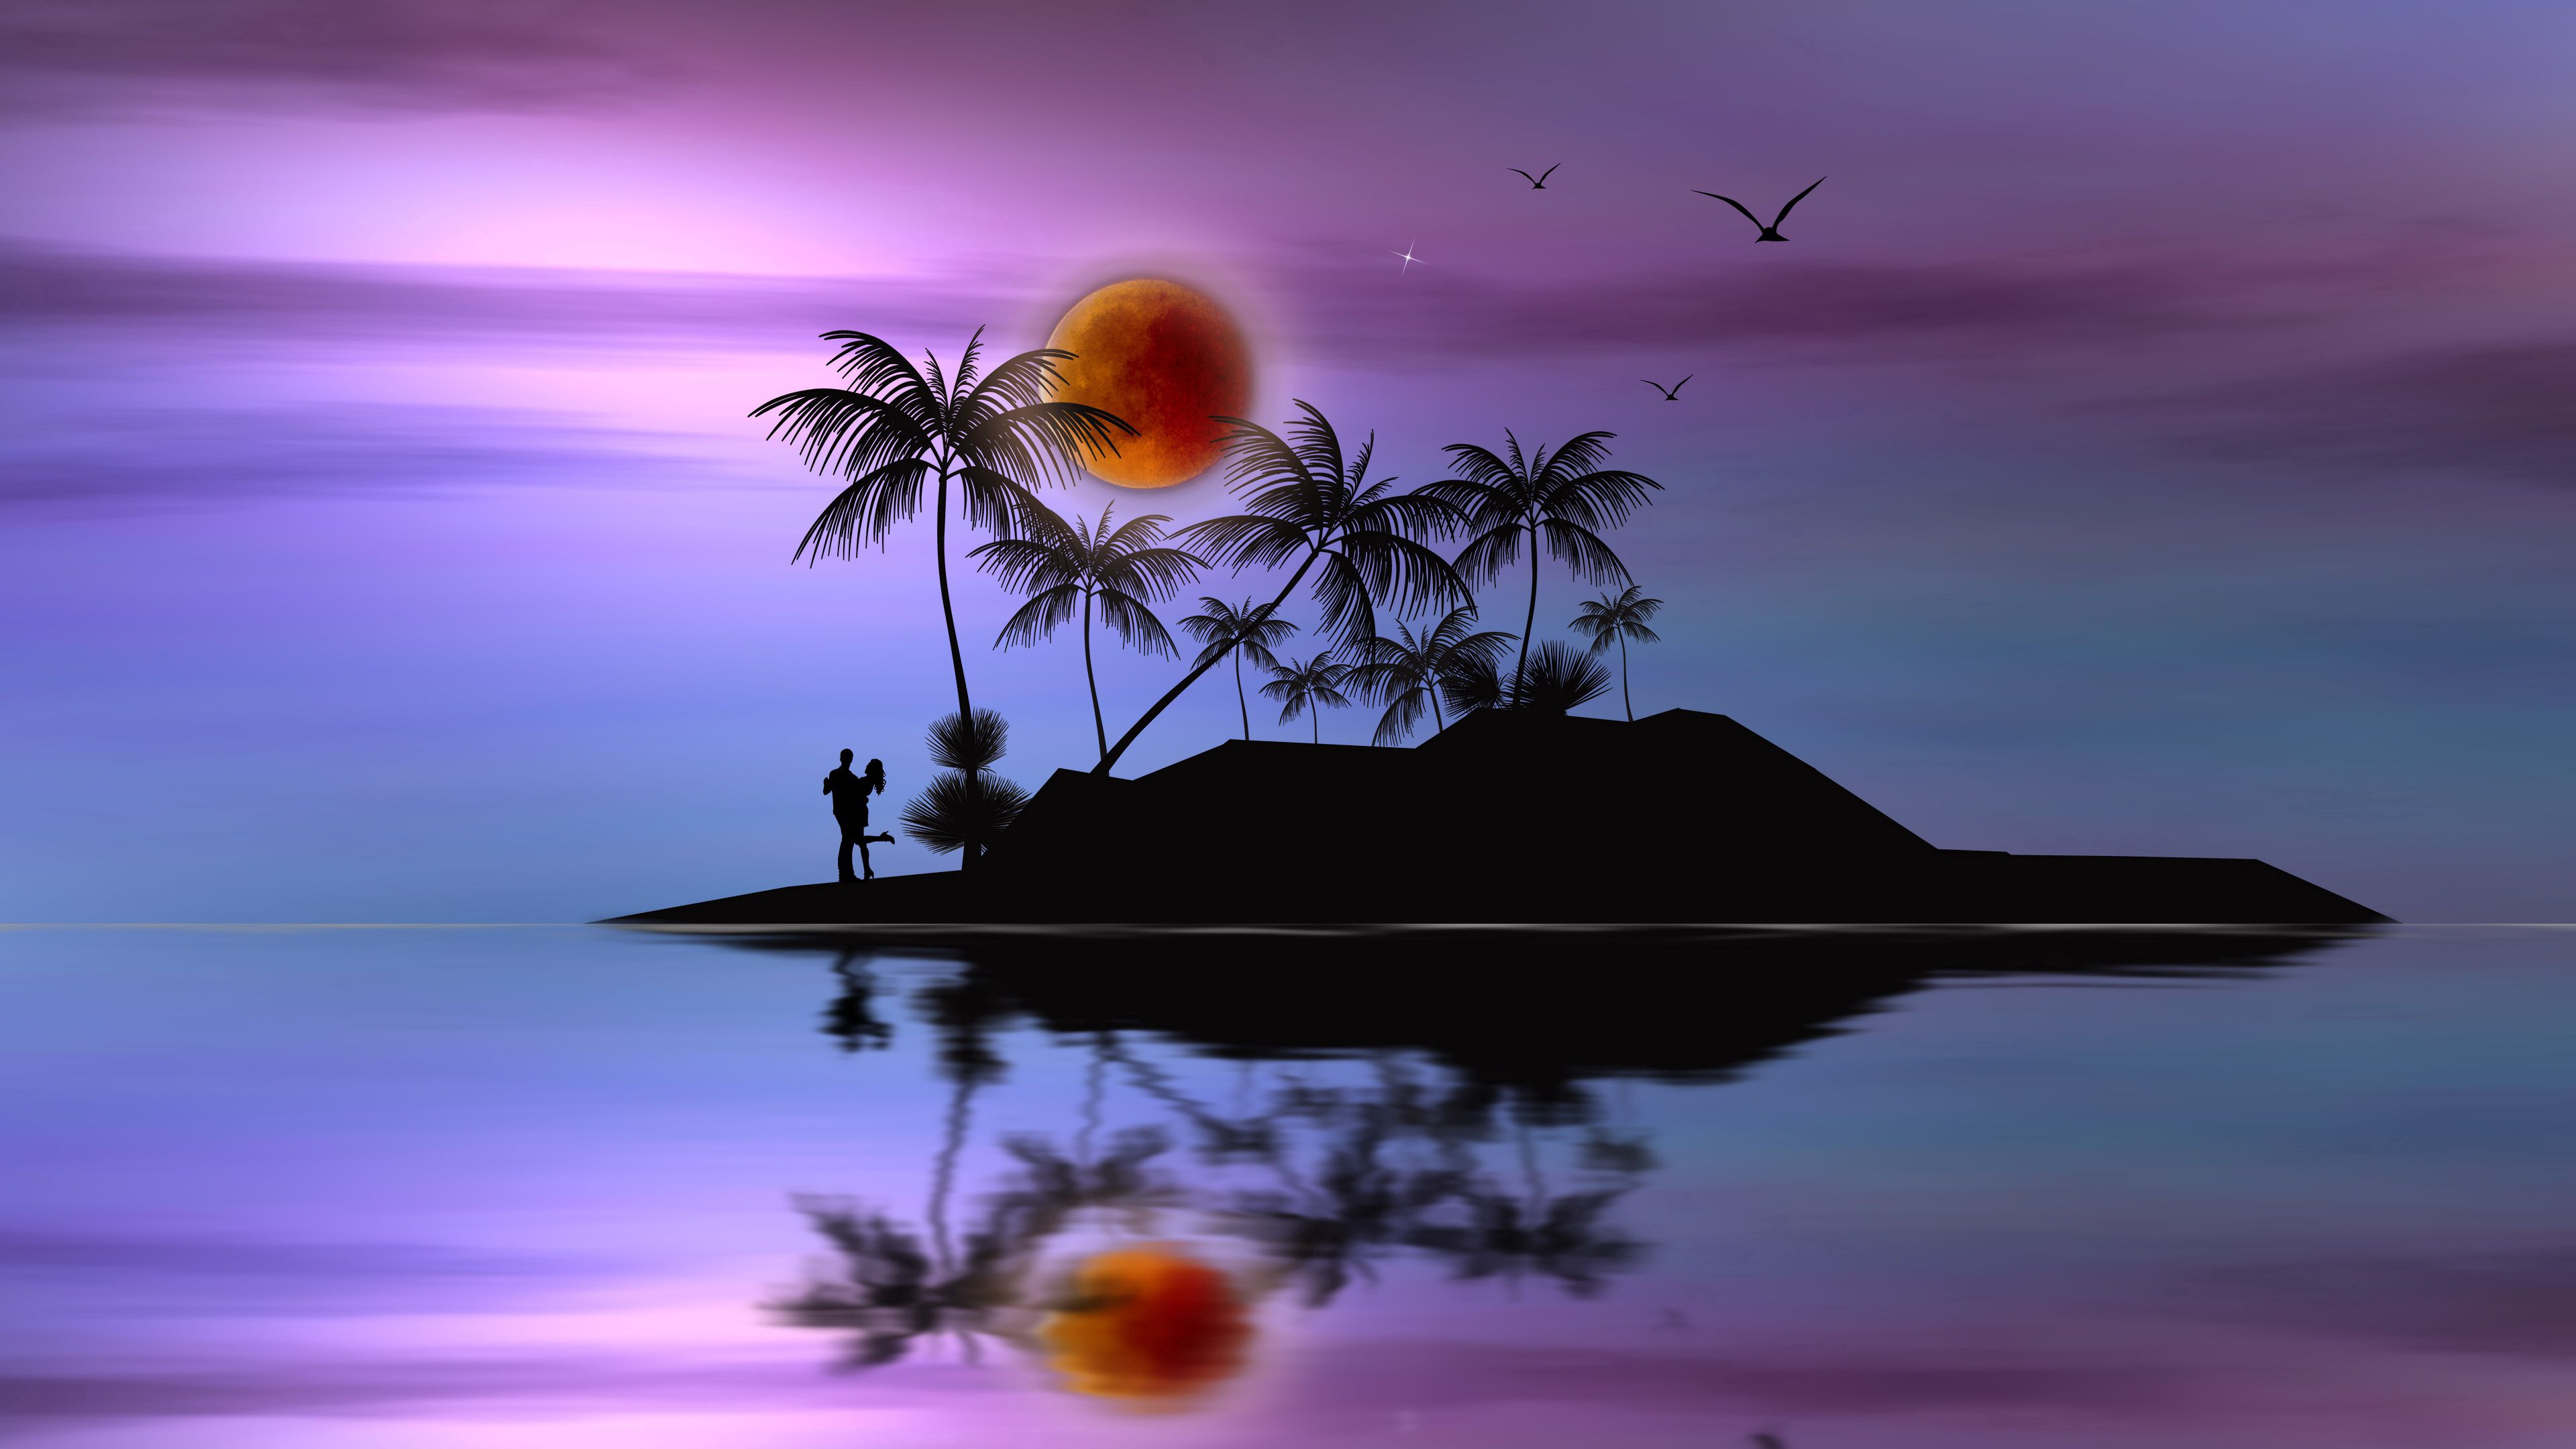 73223 Заставки и Обои Вектор на телефон. Скачать Вектор, Луна, Пальмы, Любовь, Пара, Силуэты, Остров картинки бесплатно